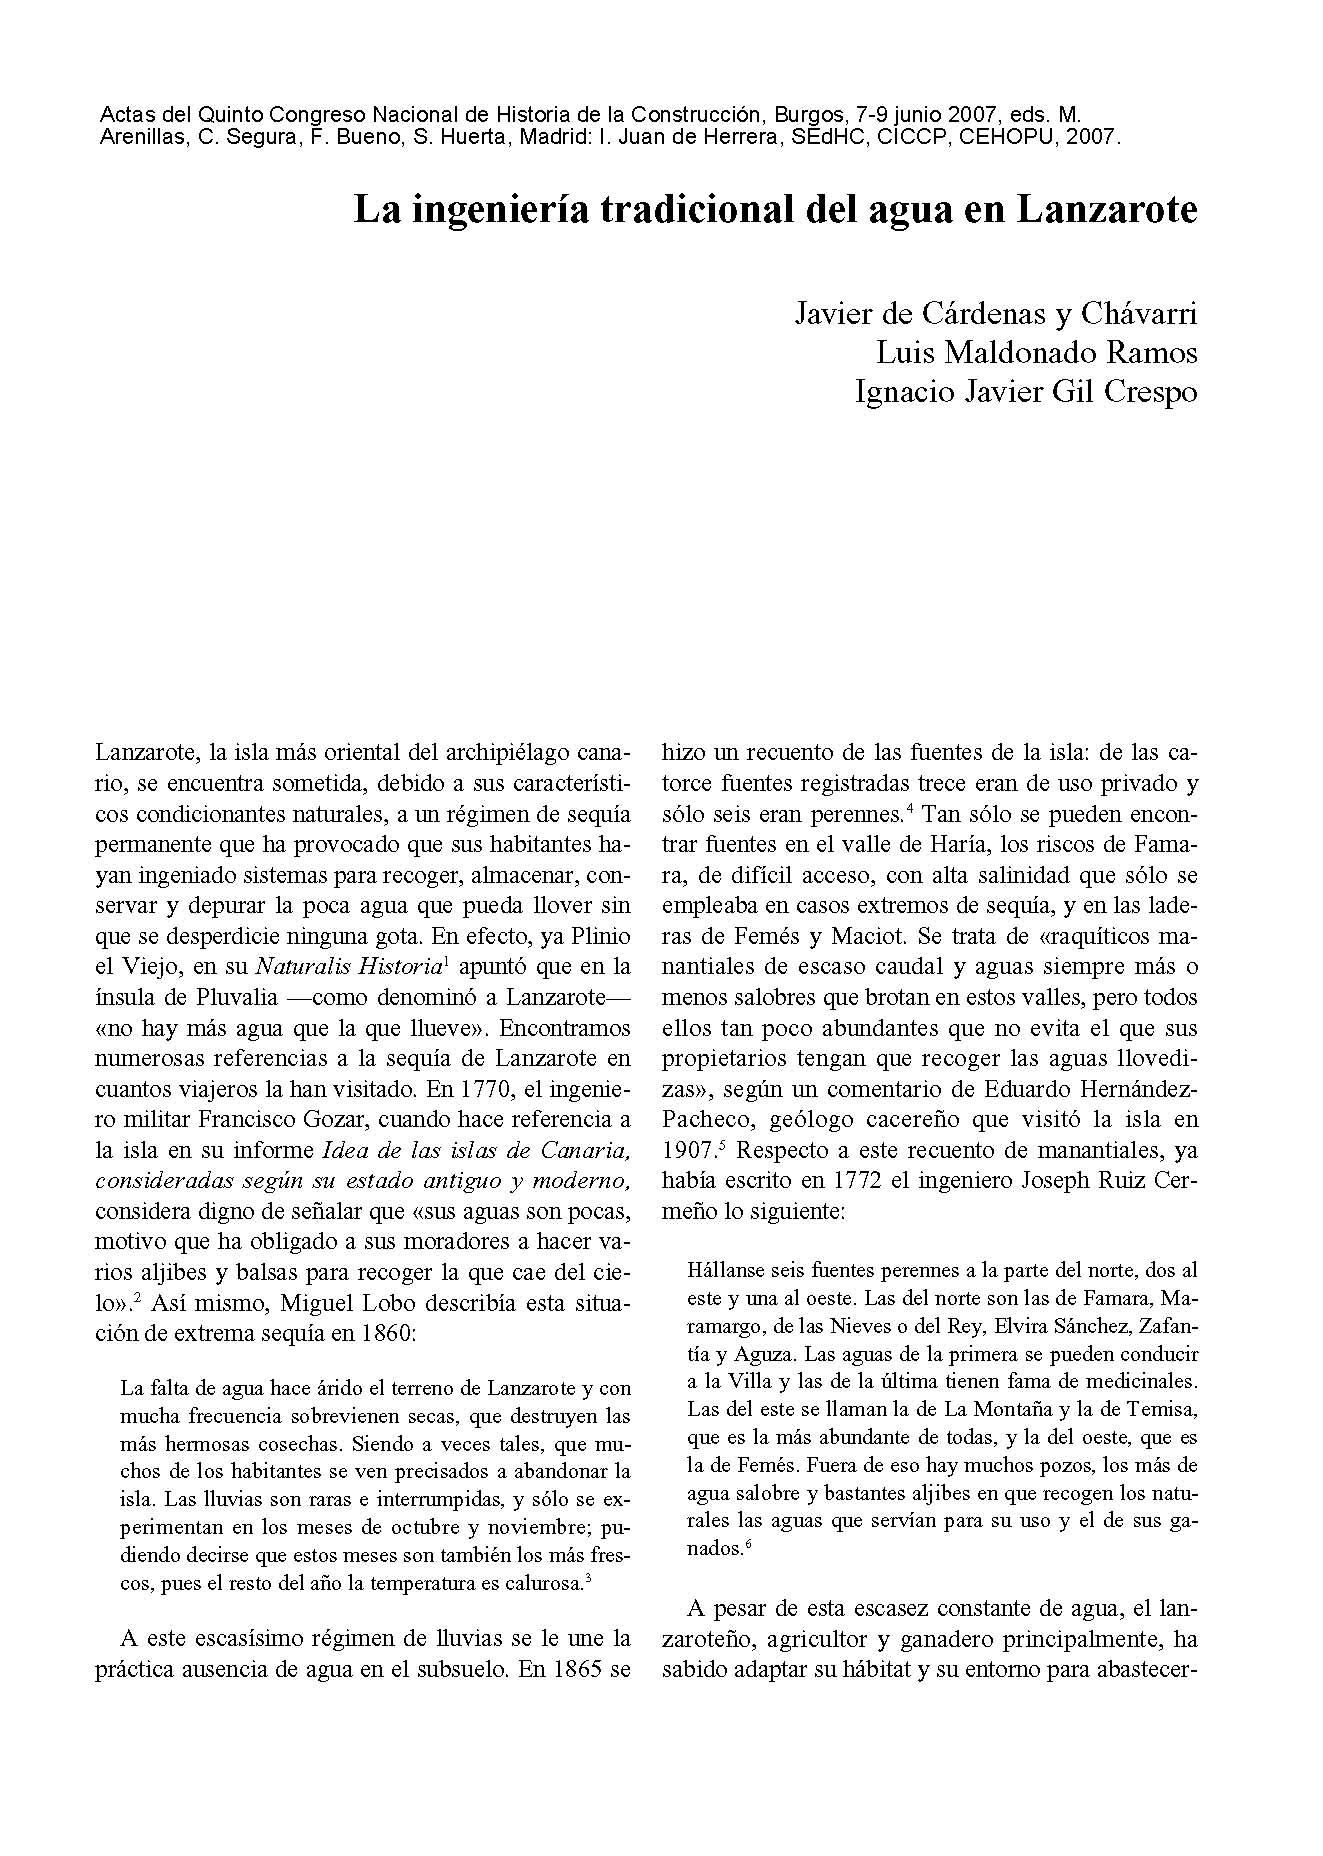 La ingeniería tradicional del agua en Lanzarote